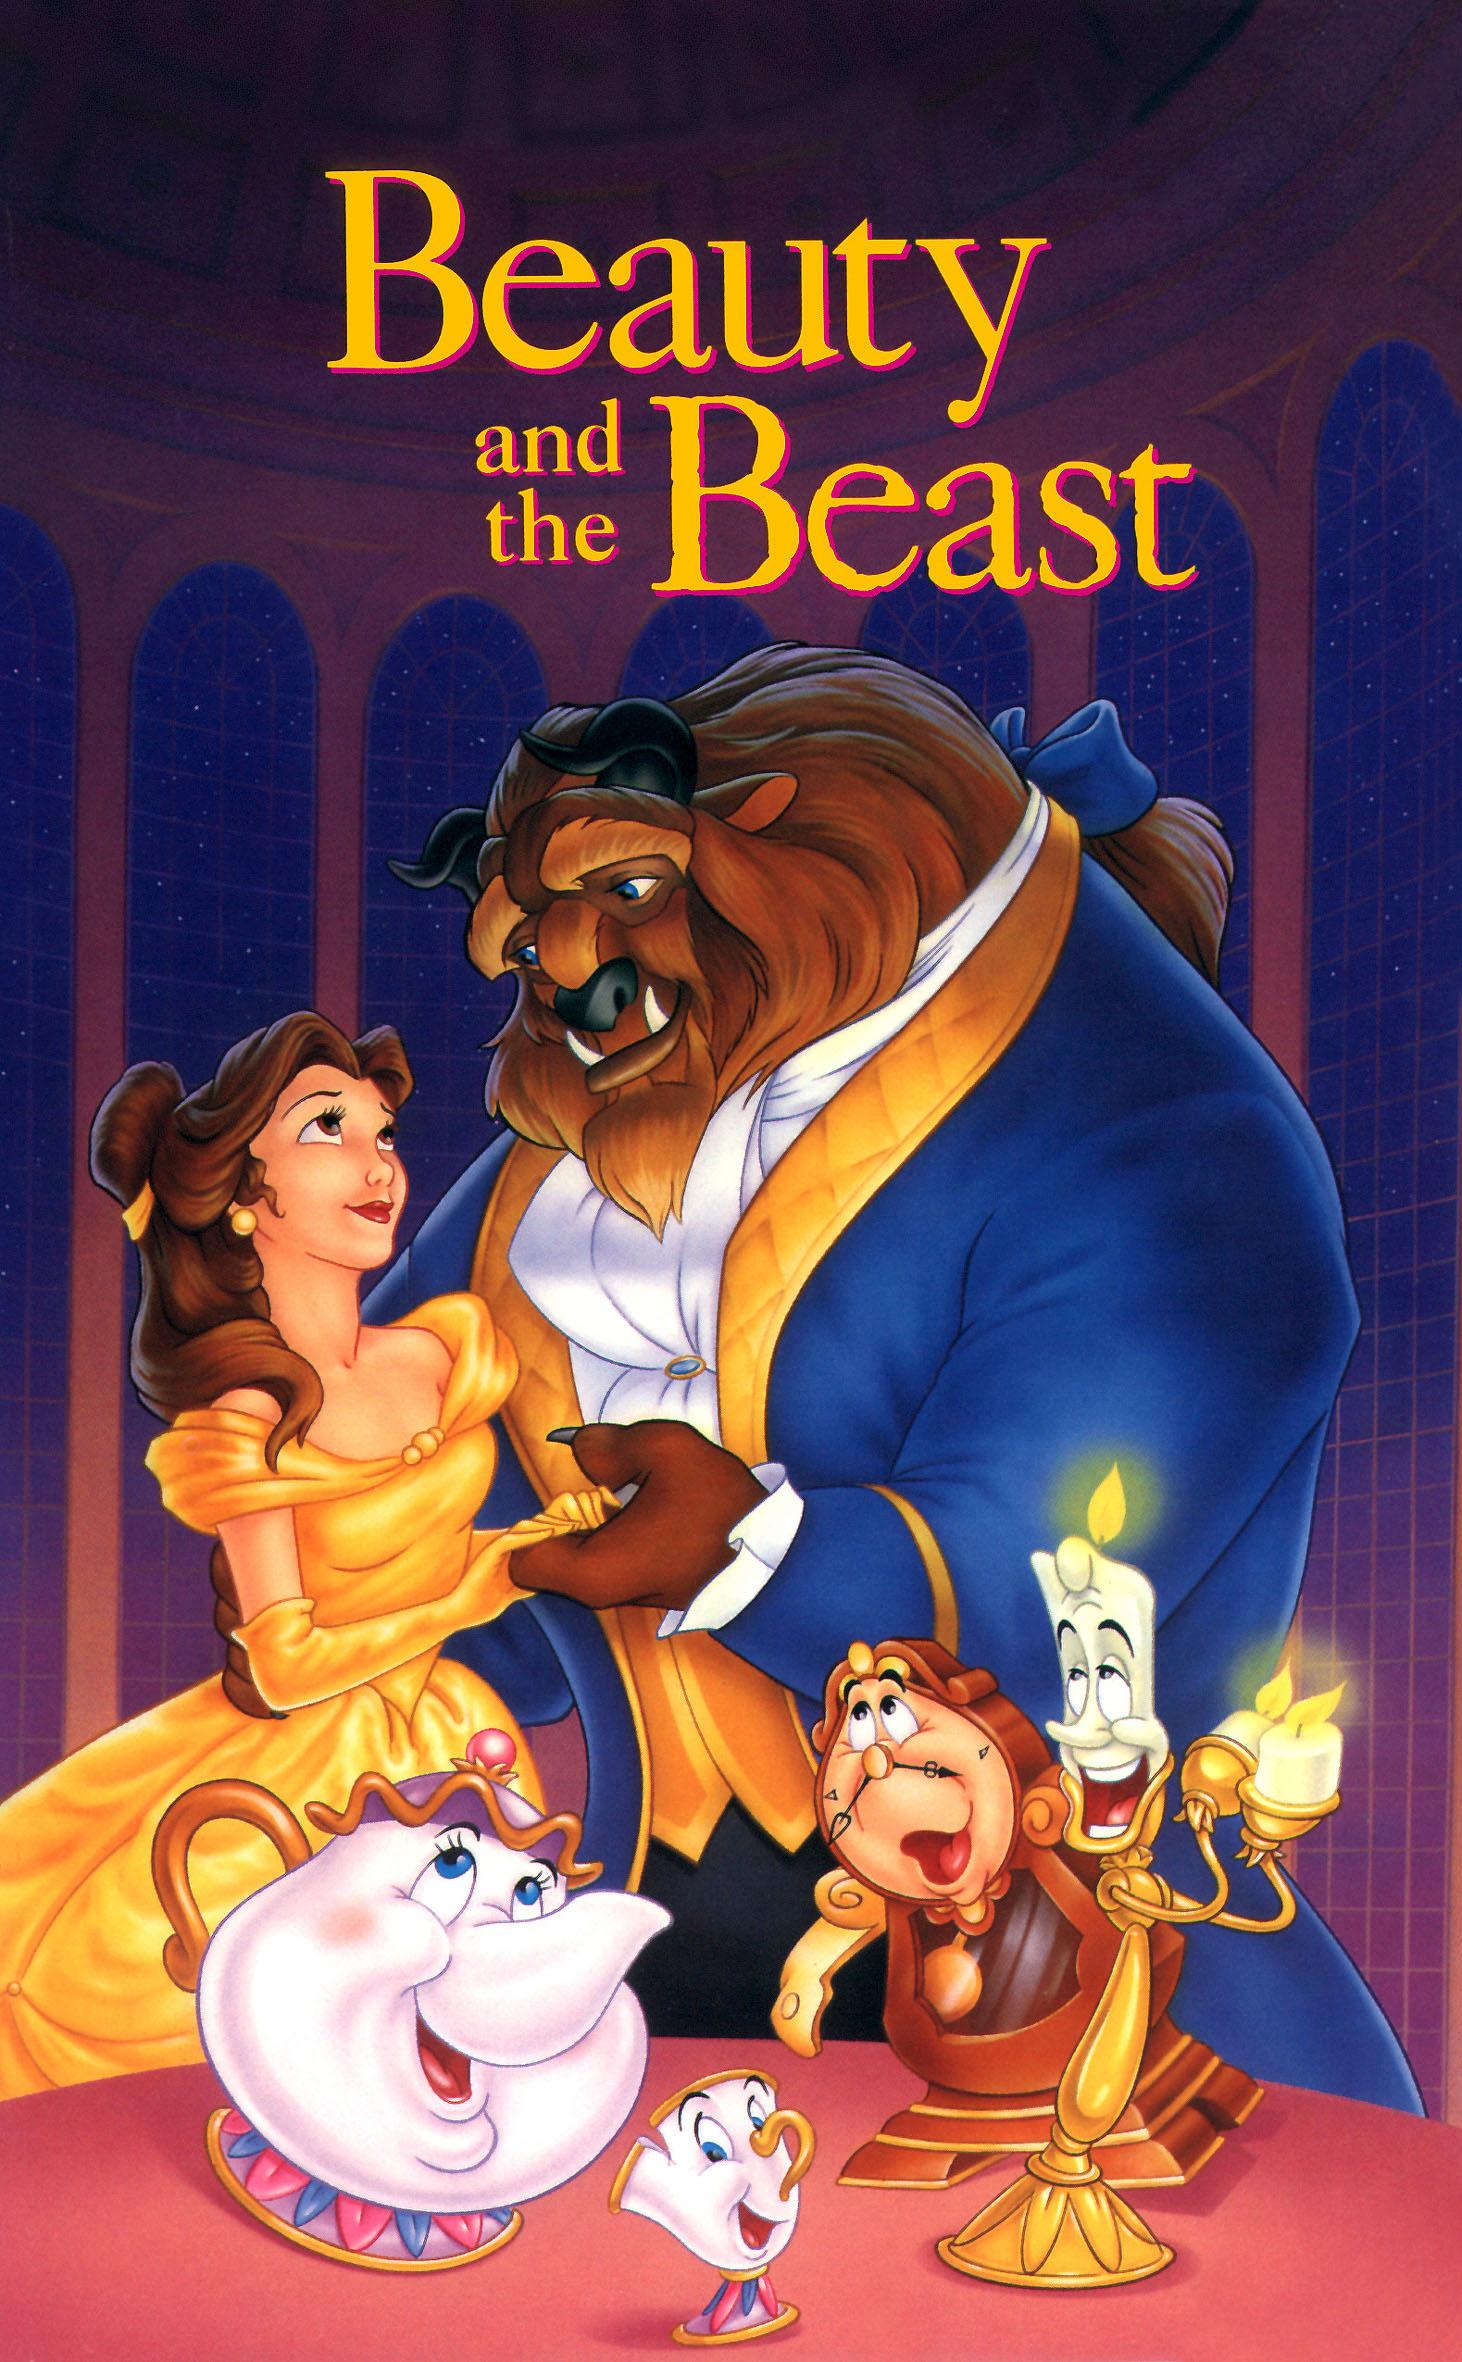 მზეთუნახავი და ურჩხული (ქართულად) - La belle et la bête (Beauty and the Beast) / Красавица и чудовище